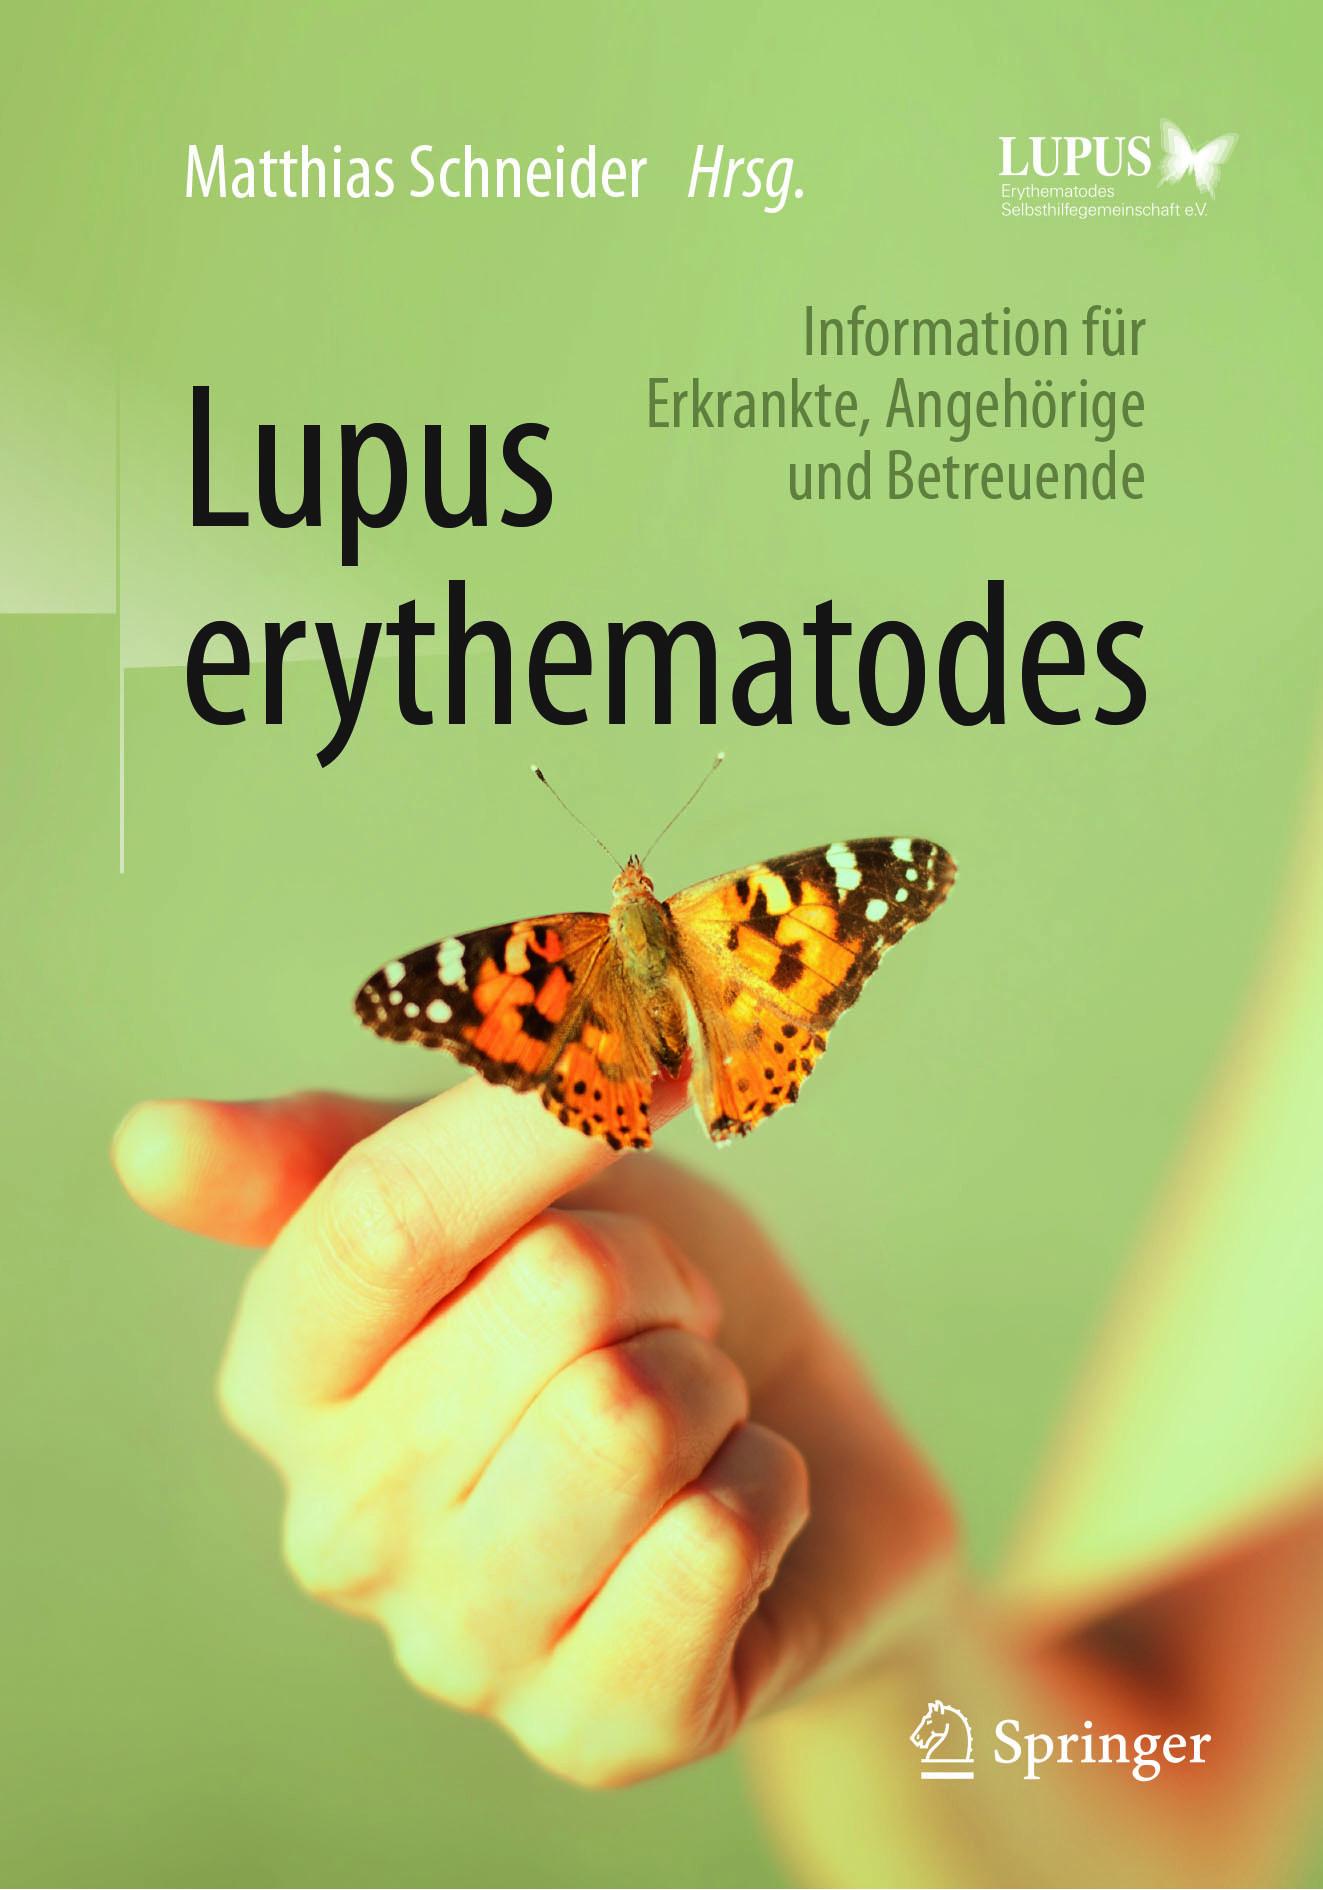 Schneider, Matthias - Lupus erythematodes, ebook